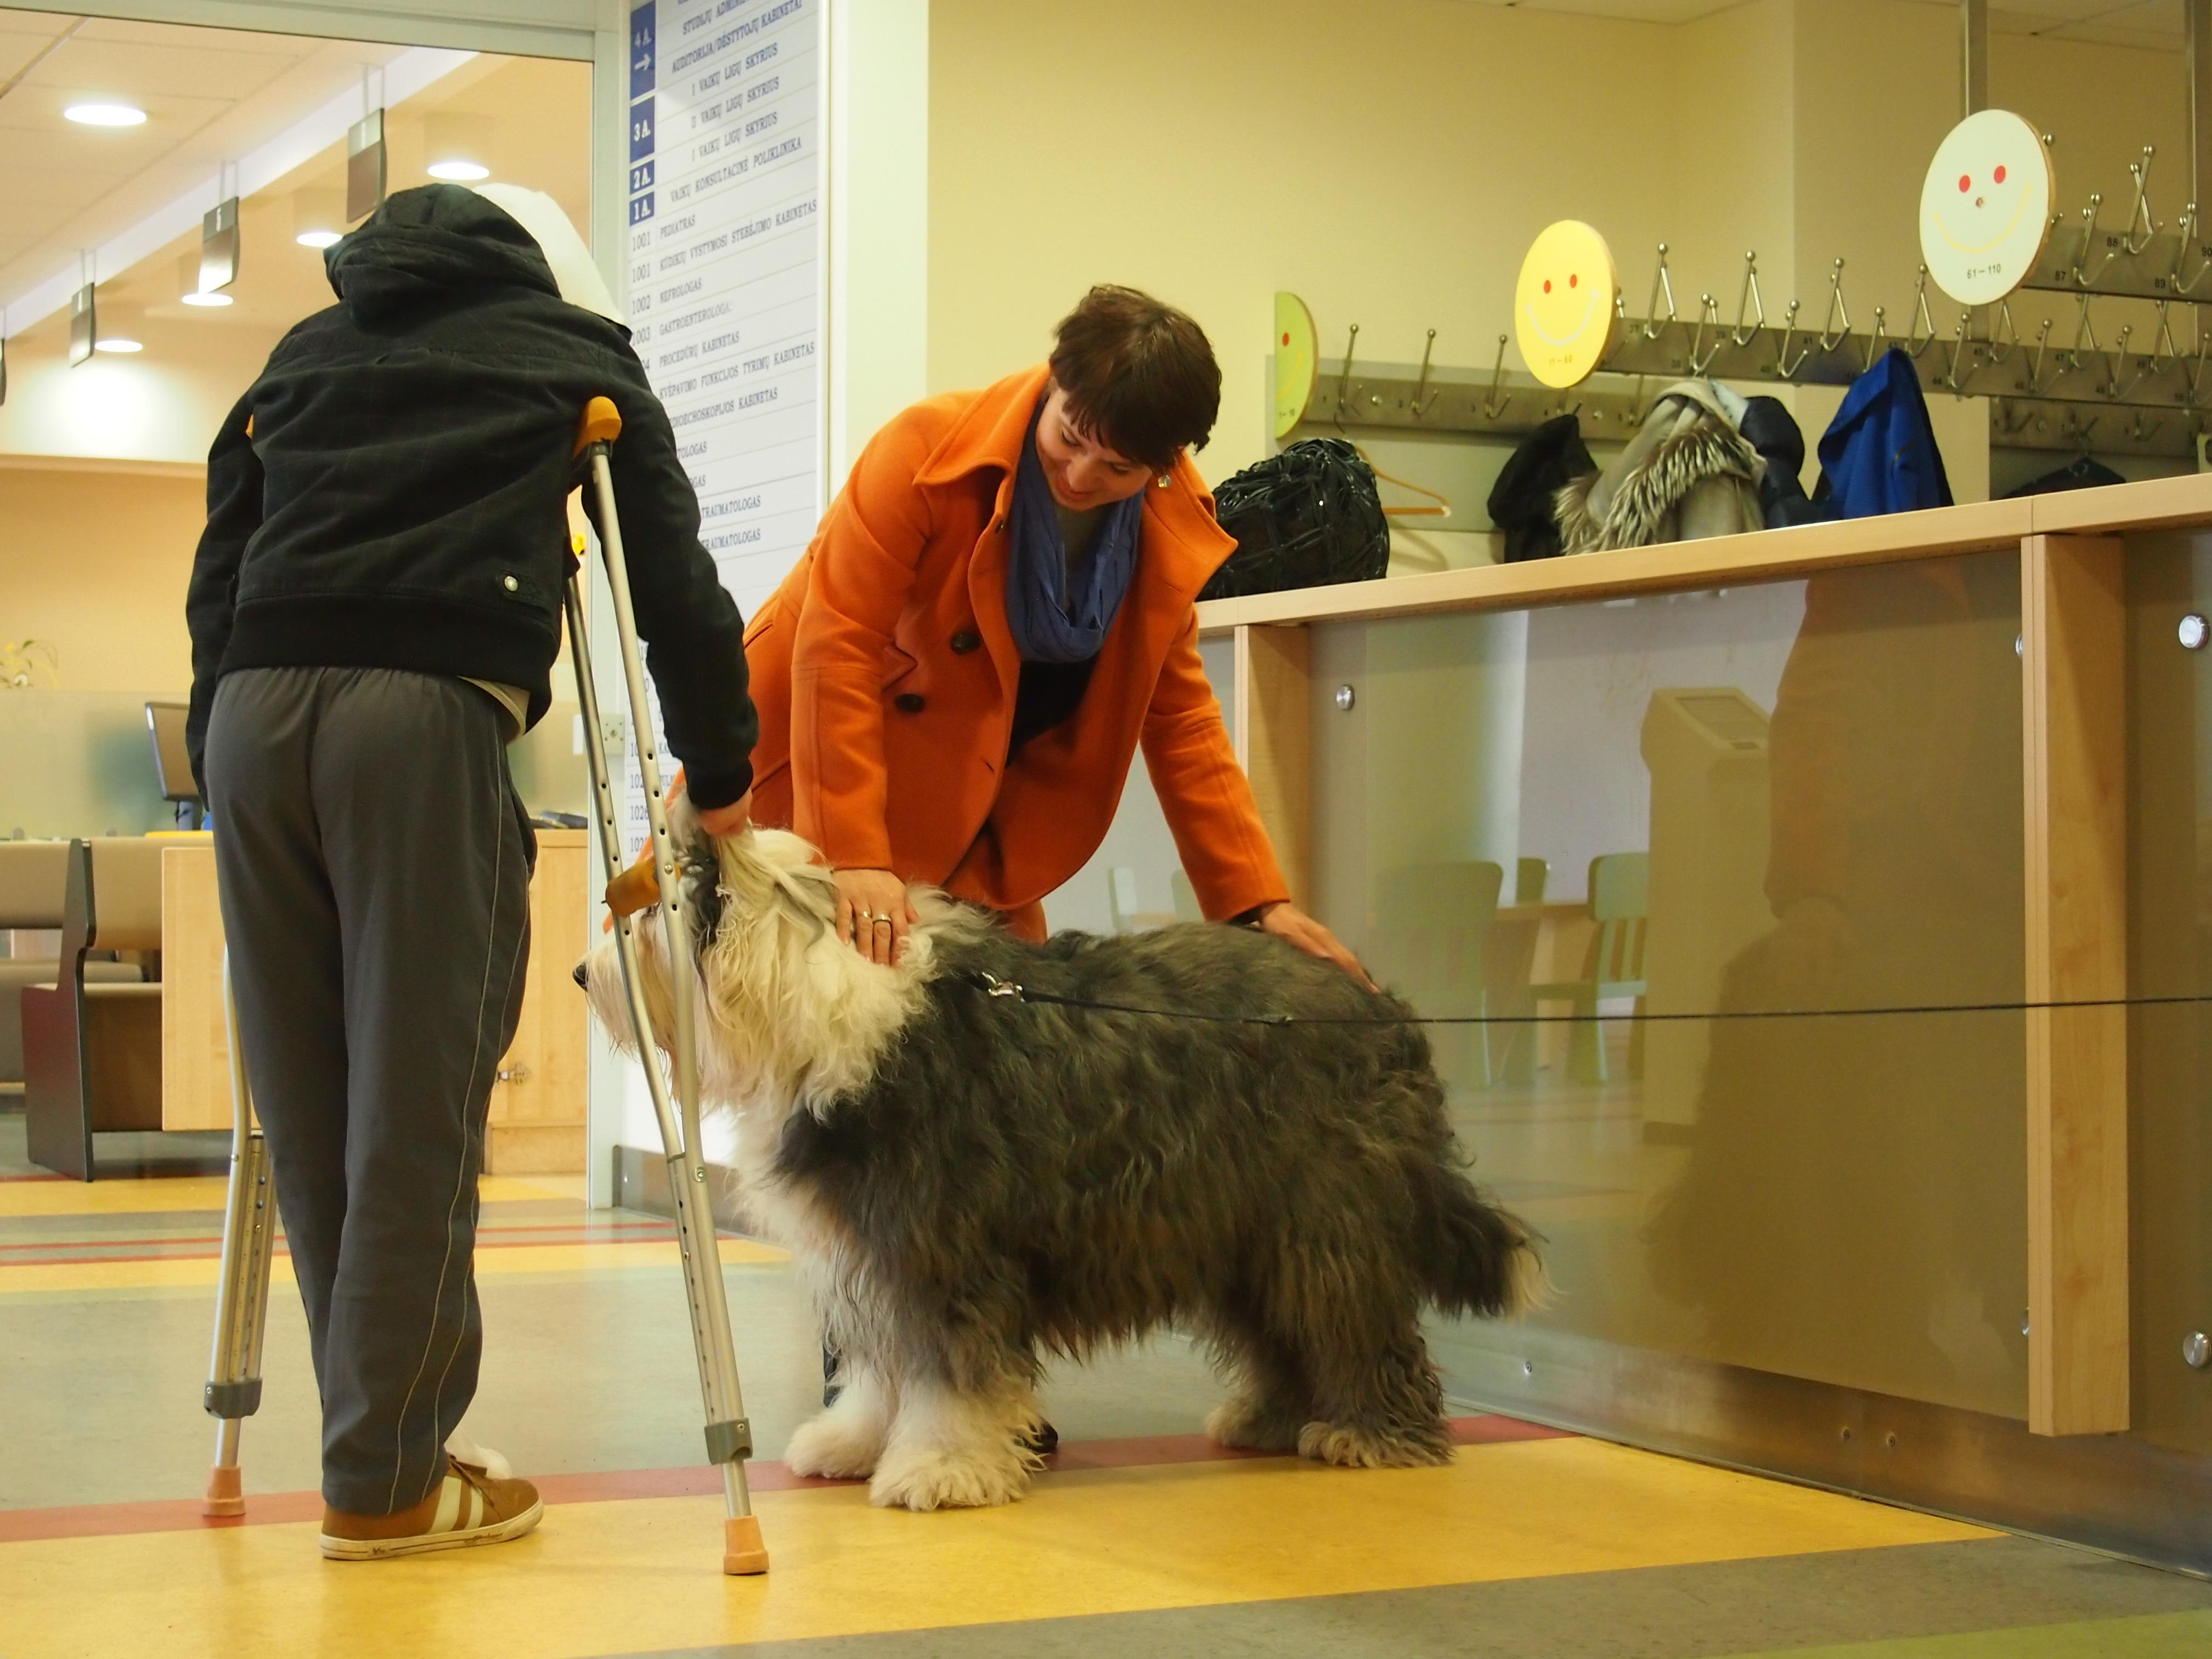 Visi šunys yra sertifikuoti, išlaikę šunų psichikos testą bei pripažinti tinkamais dirbti kaniterapijos darbą. (K. Marcinkevičiūtės nuotr.)